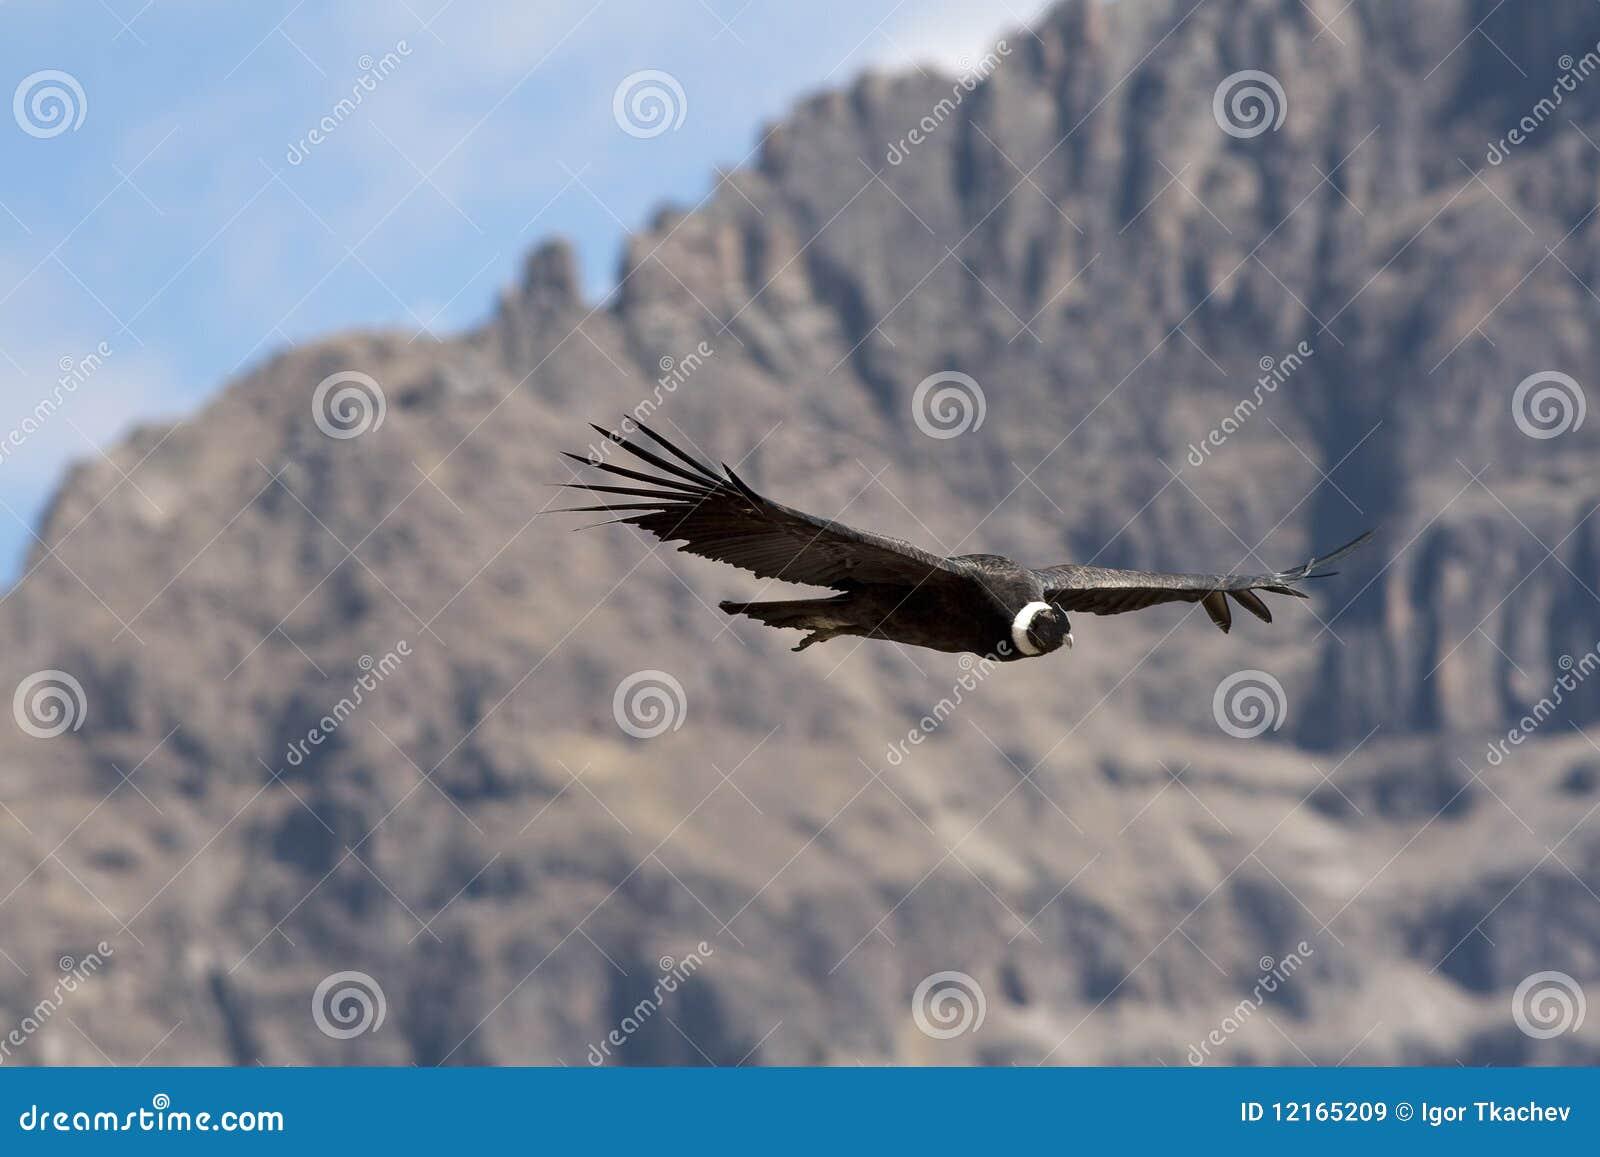 Condor tijdens de vlucht